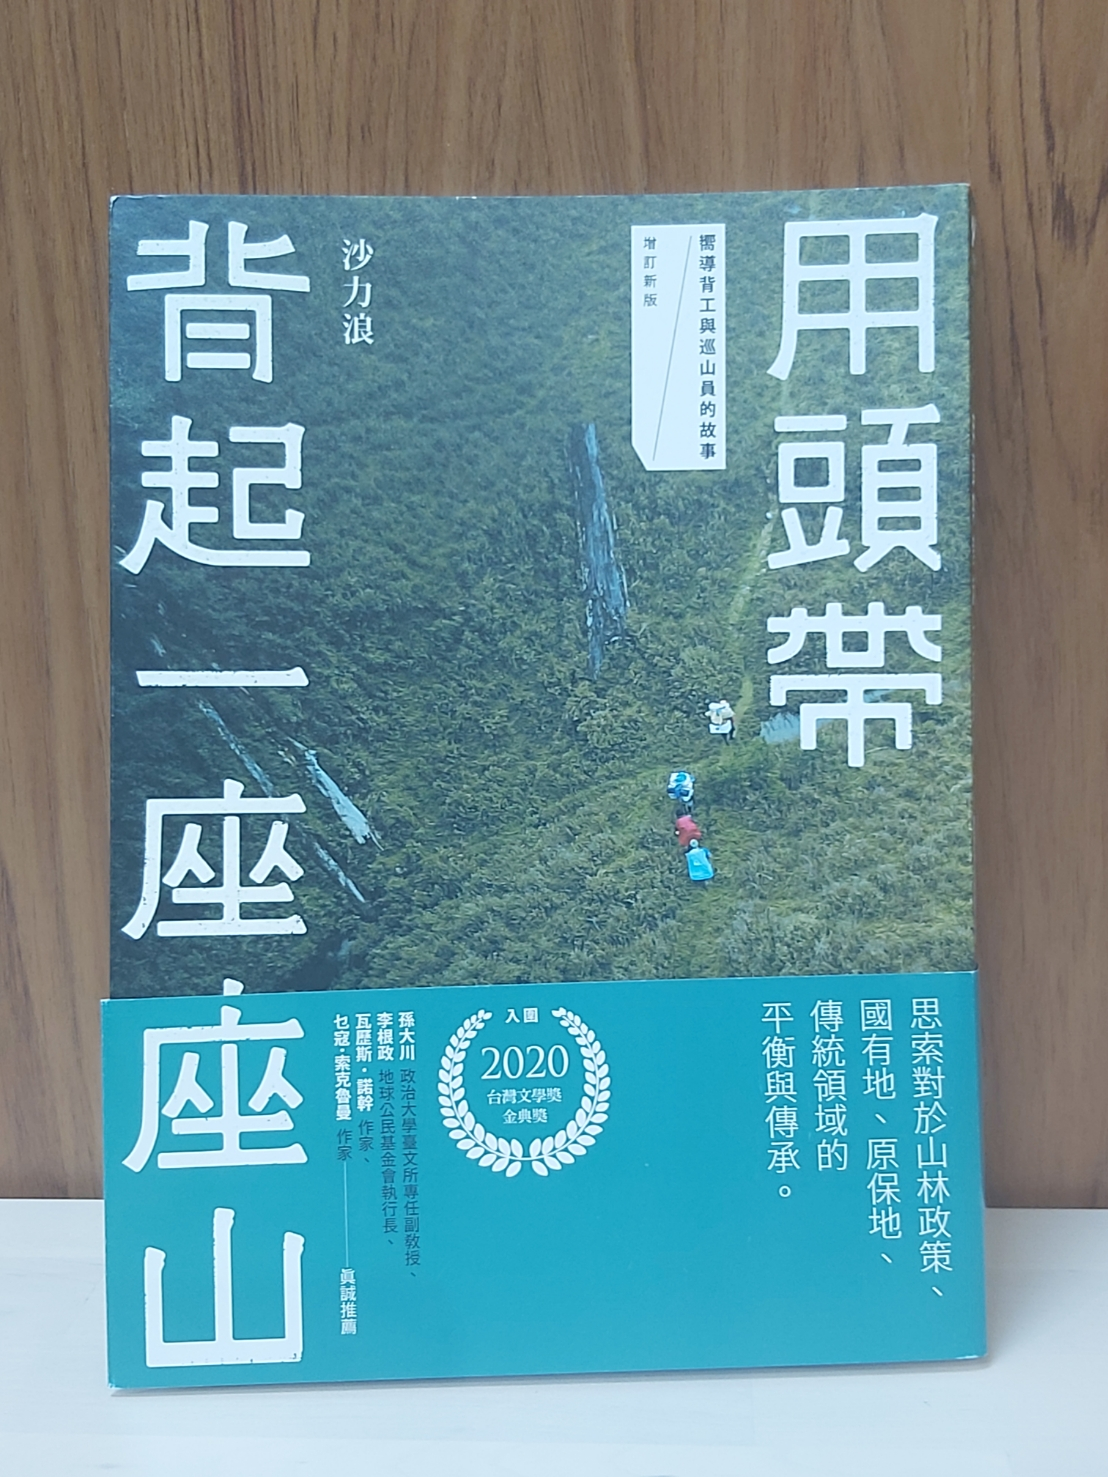 鎏金風華 5 - 臺灣心風景